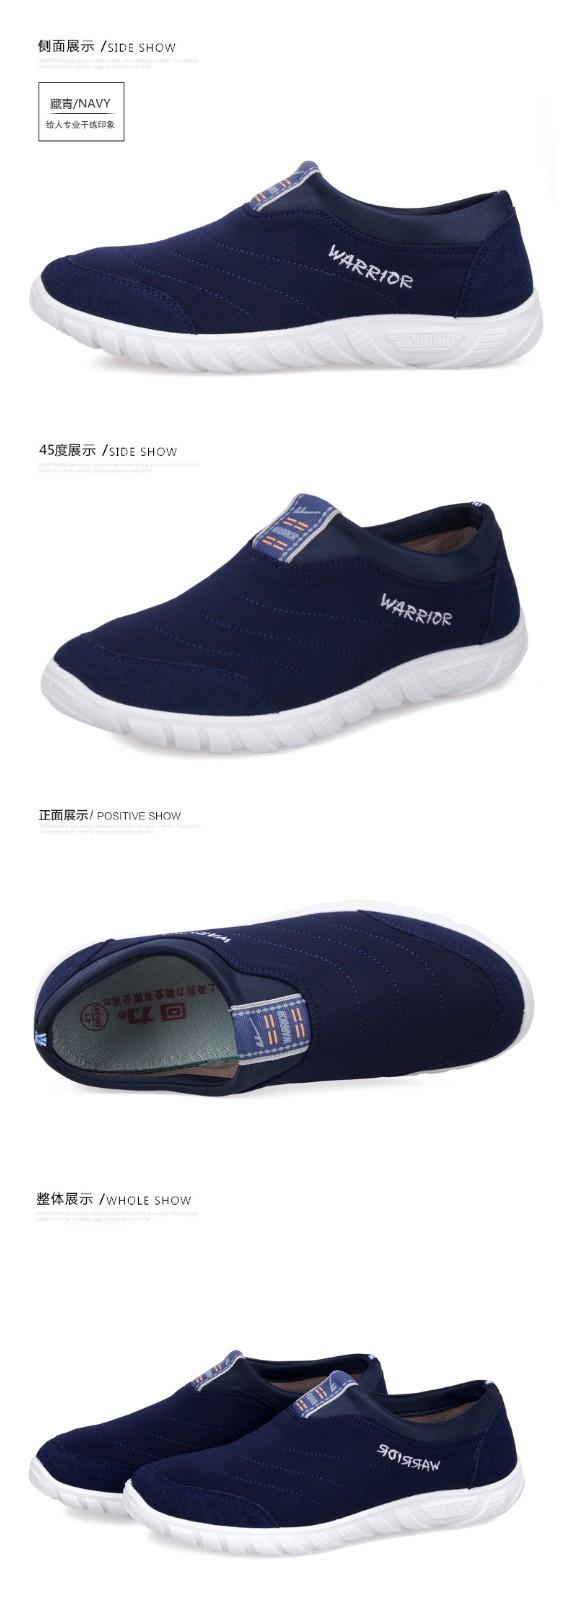 回力男鞋帆布鞋子一脚蹬懒人鞋男士潮流韩版布鞋透气鞋图片十九